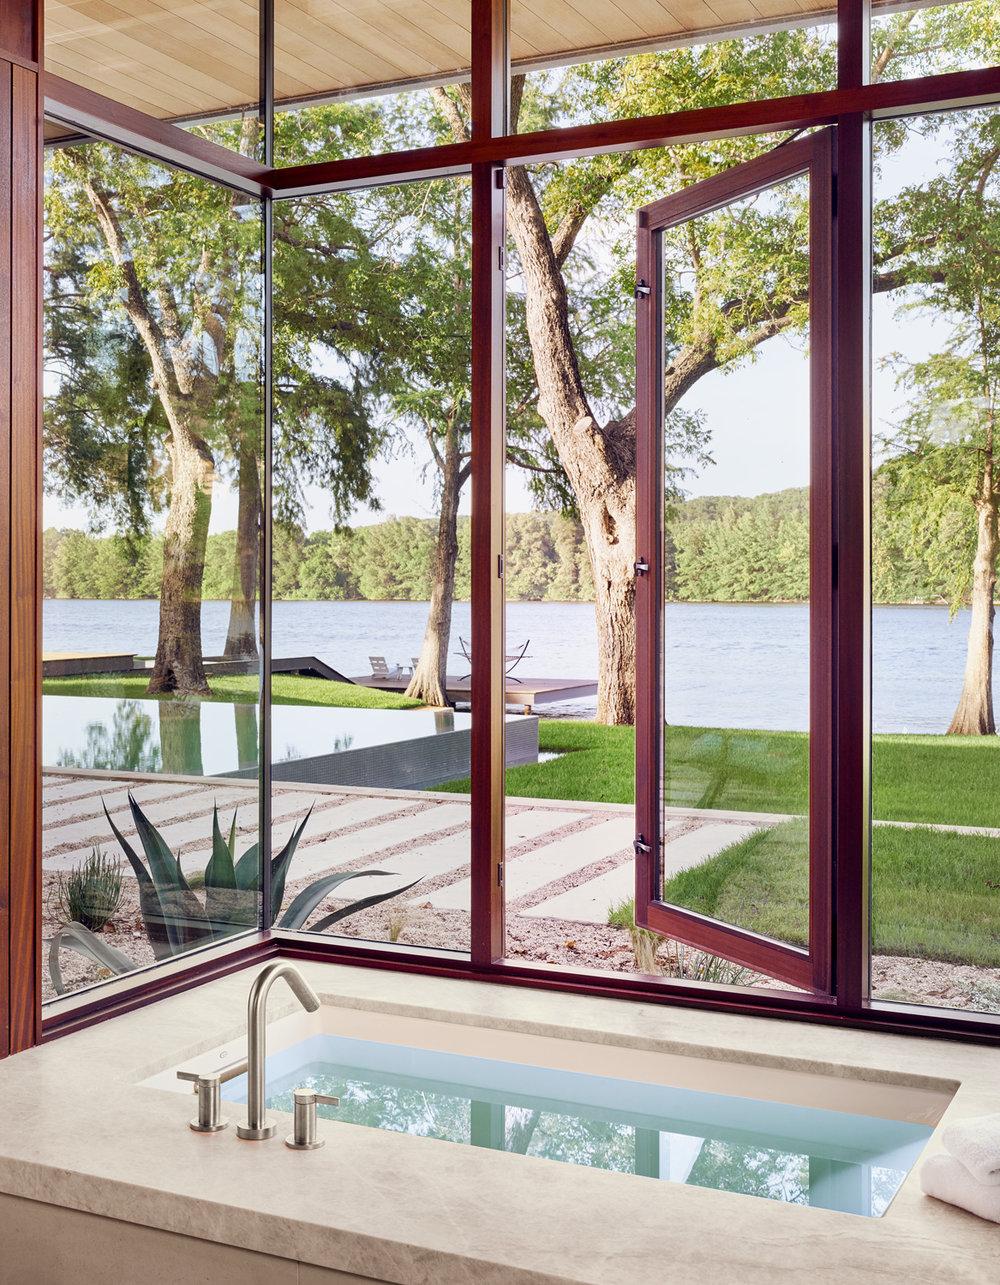 Lake-Austin_Tub.jpg